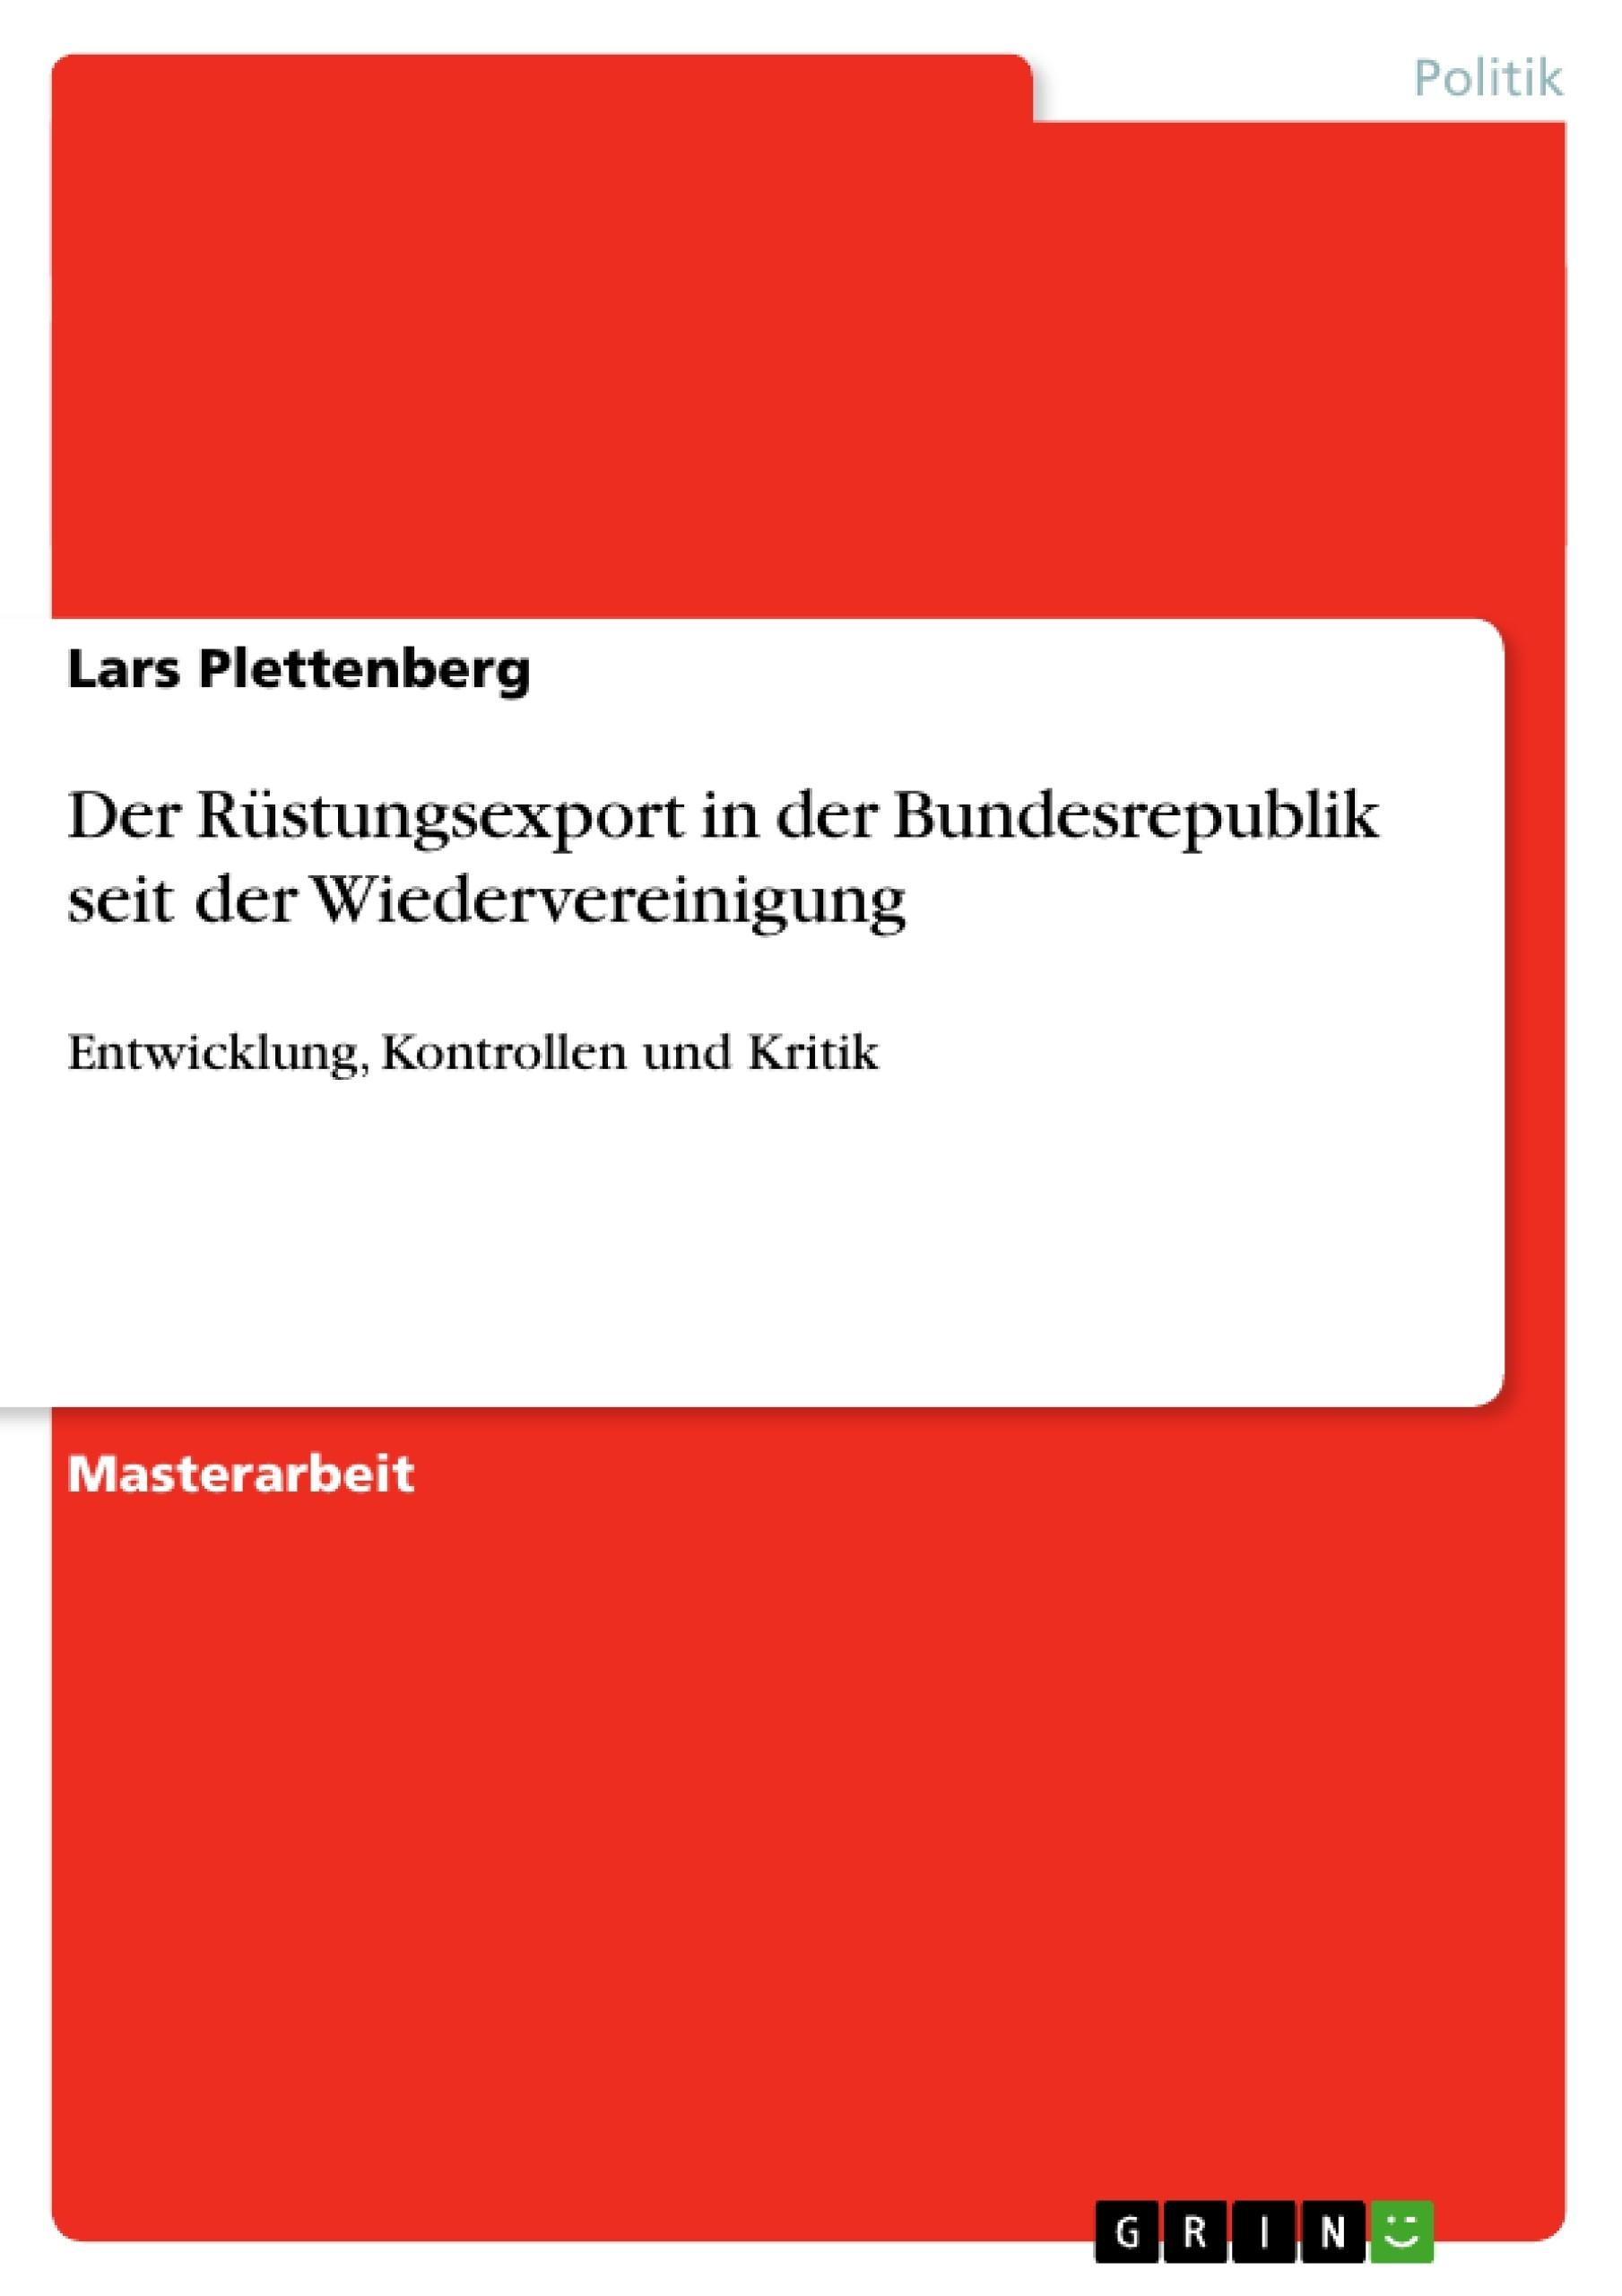 Titel: Der Rüstungsexport in der Bundesrepublik seit der Wiedervereinigung